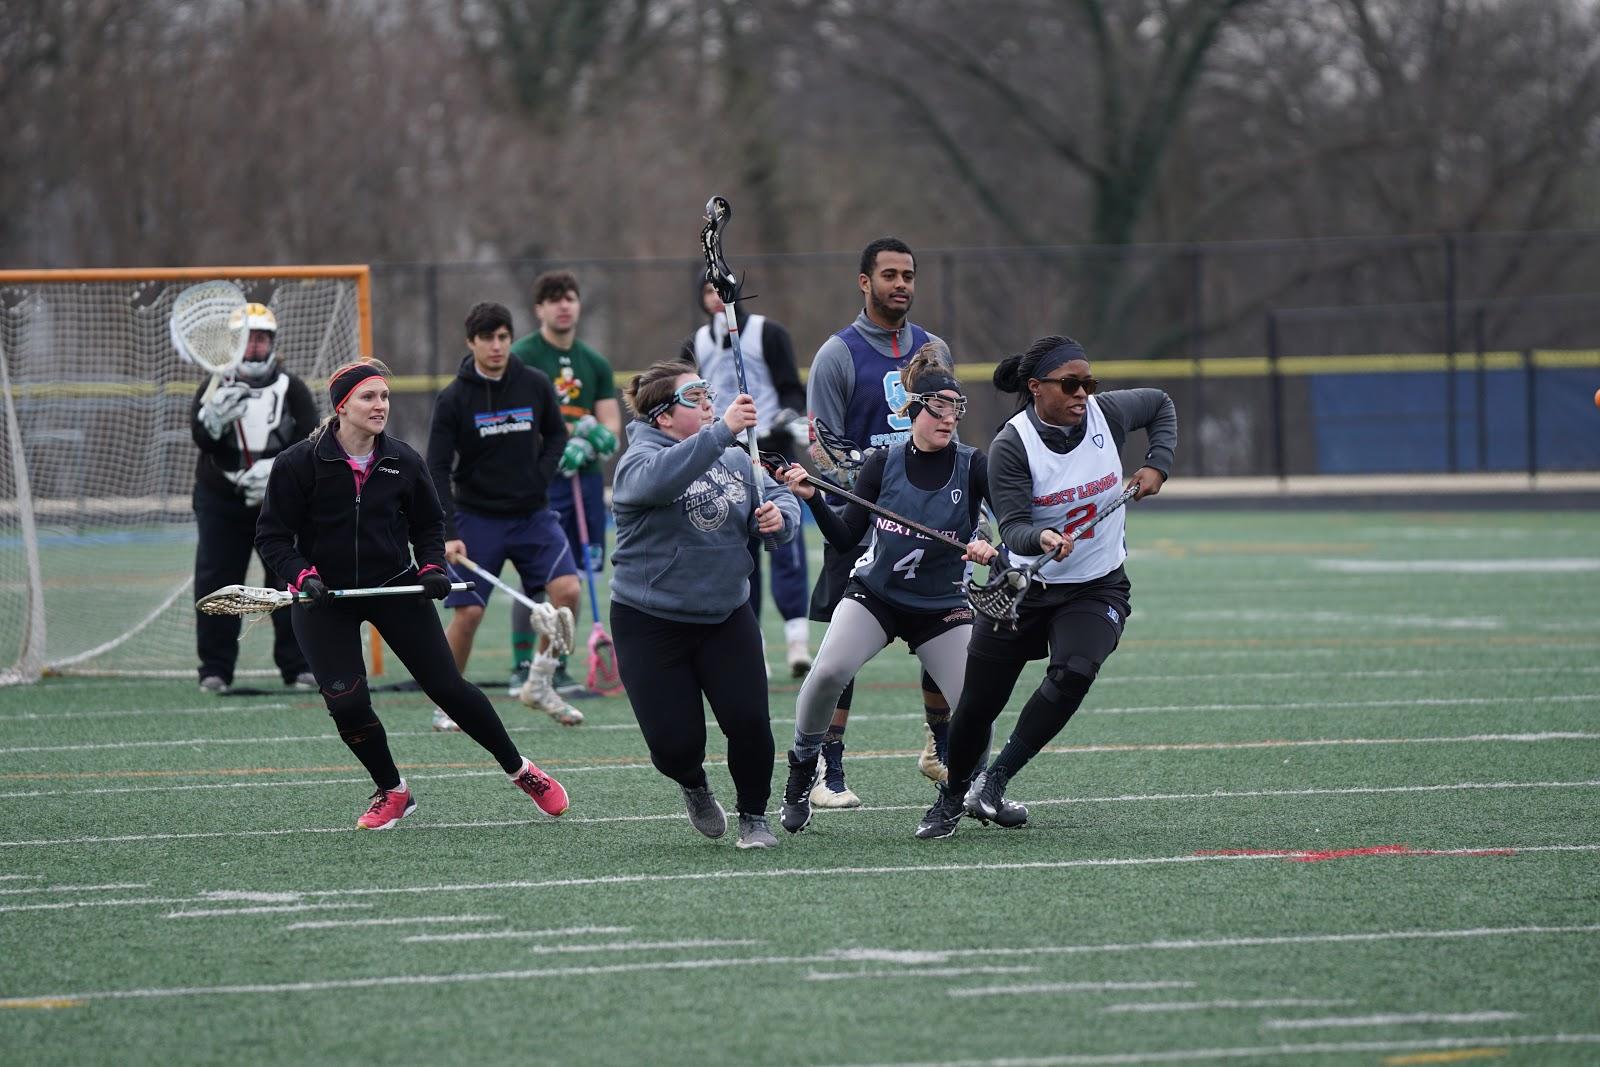 Deportes estudiantes USA